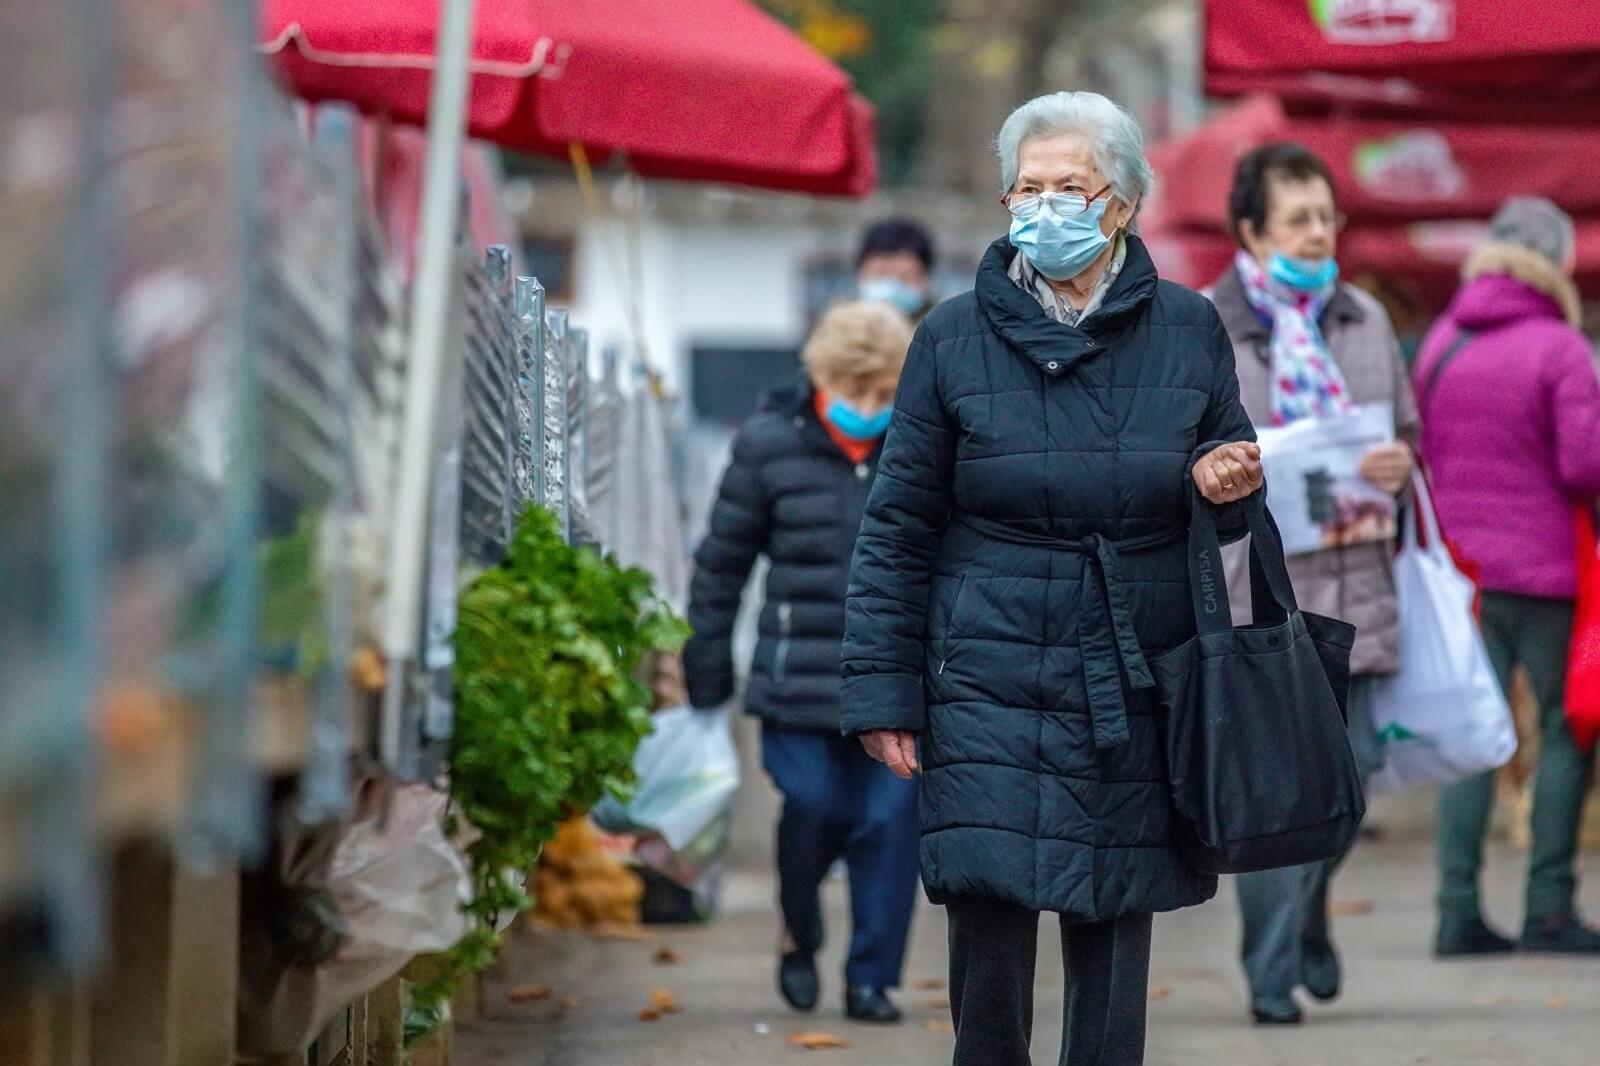 [FOTO] Odgovorna nabavka za Božić: Umirovljenici s maskicama pohrlili na tržnice